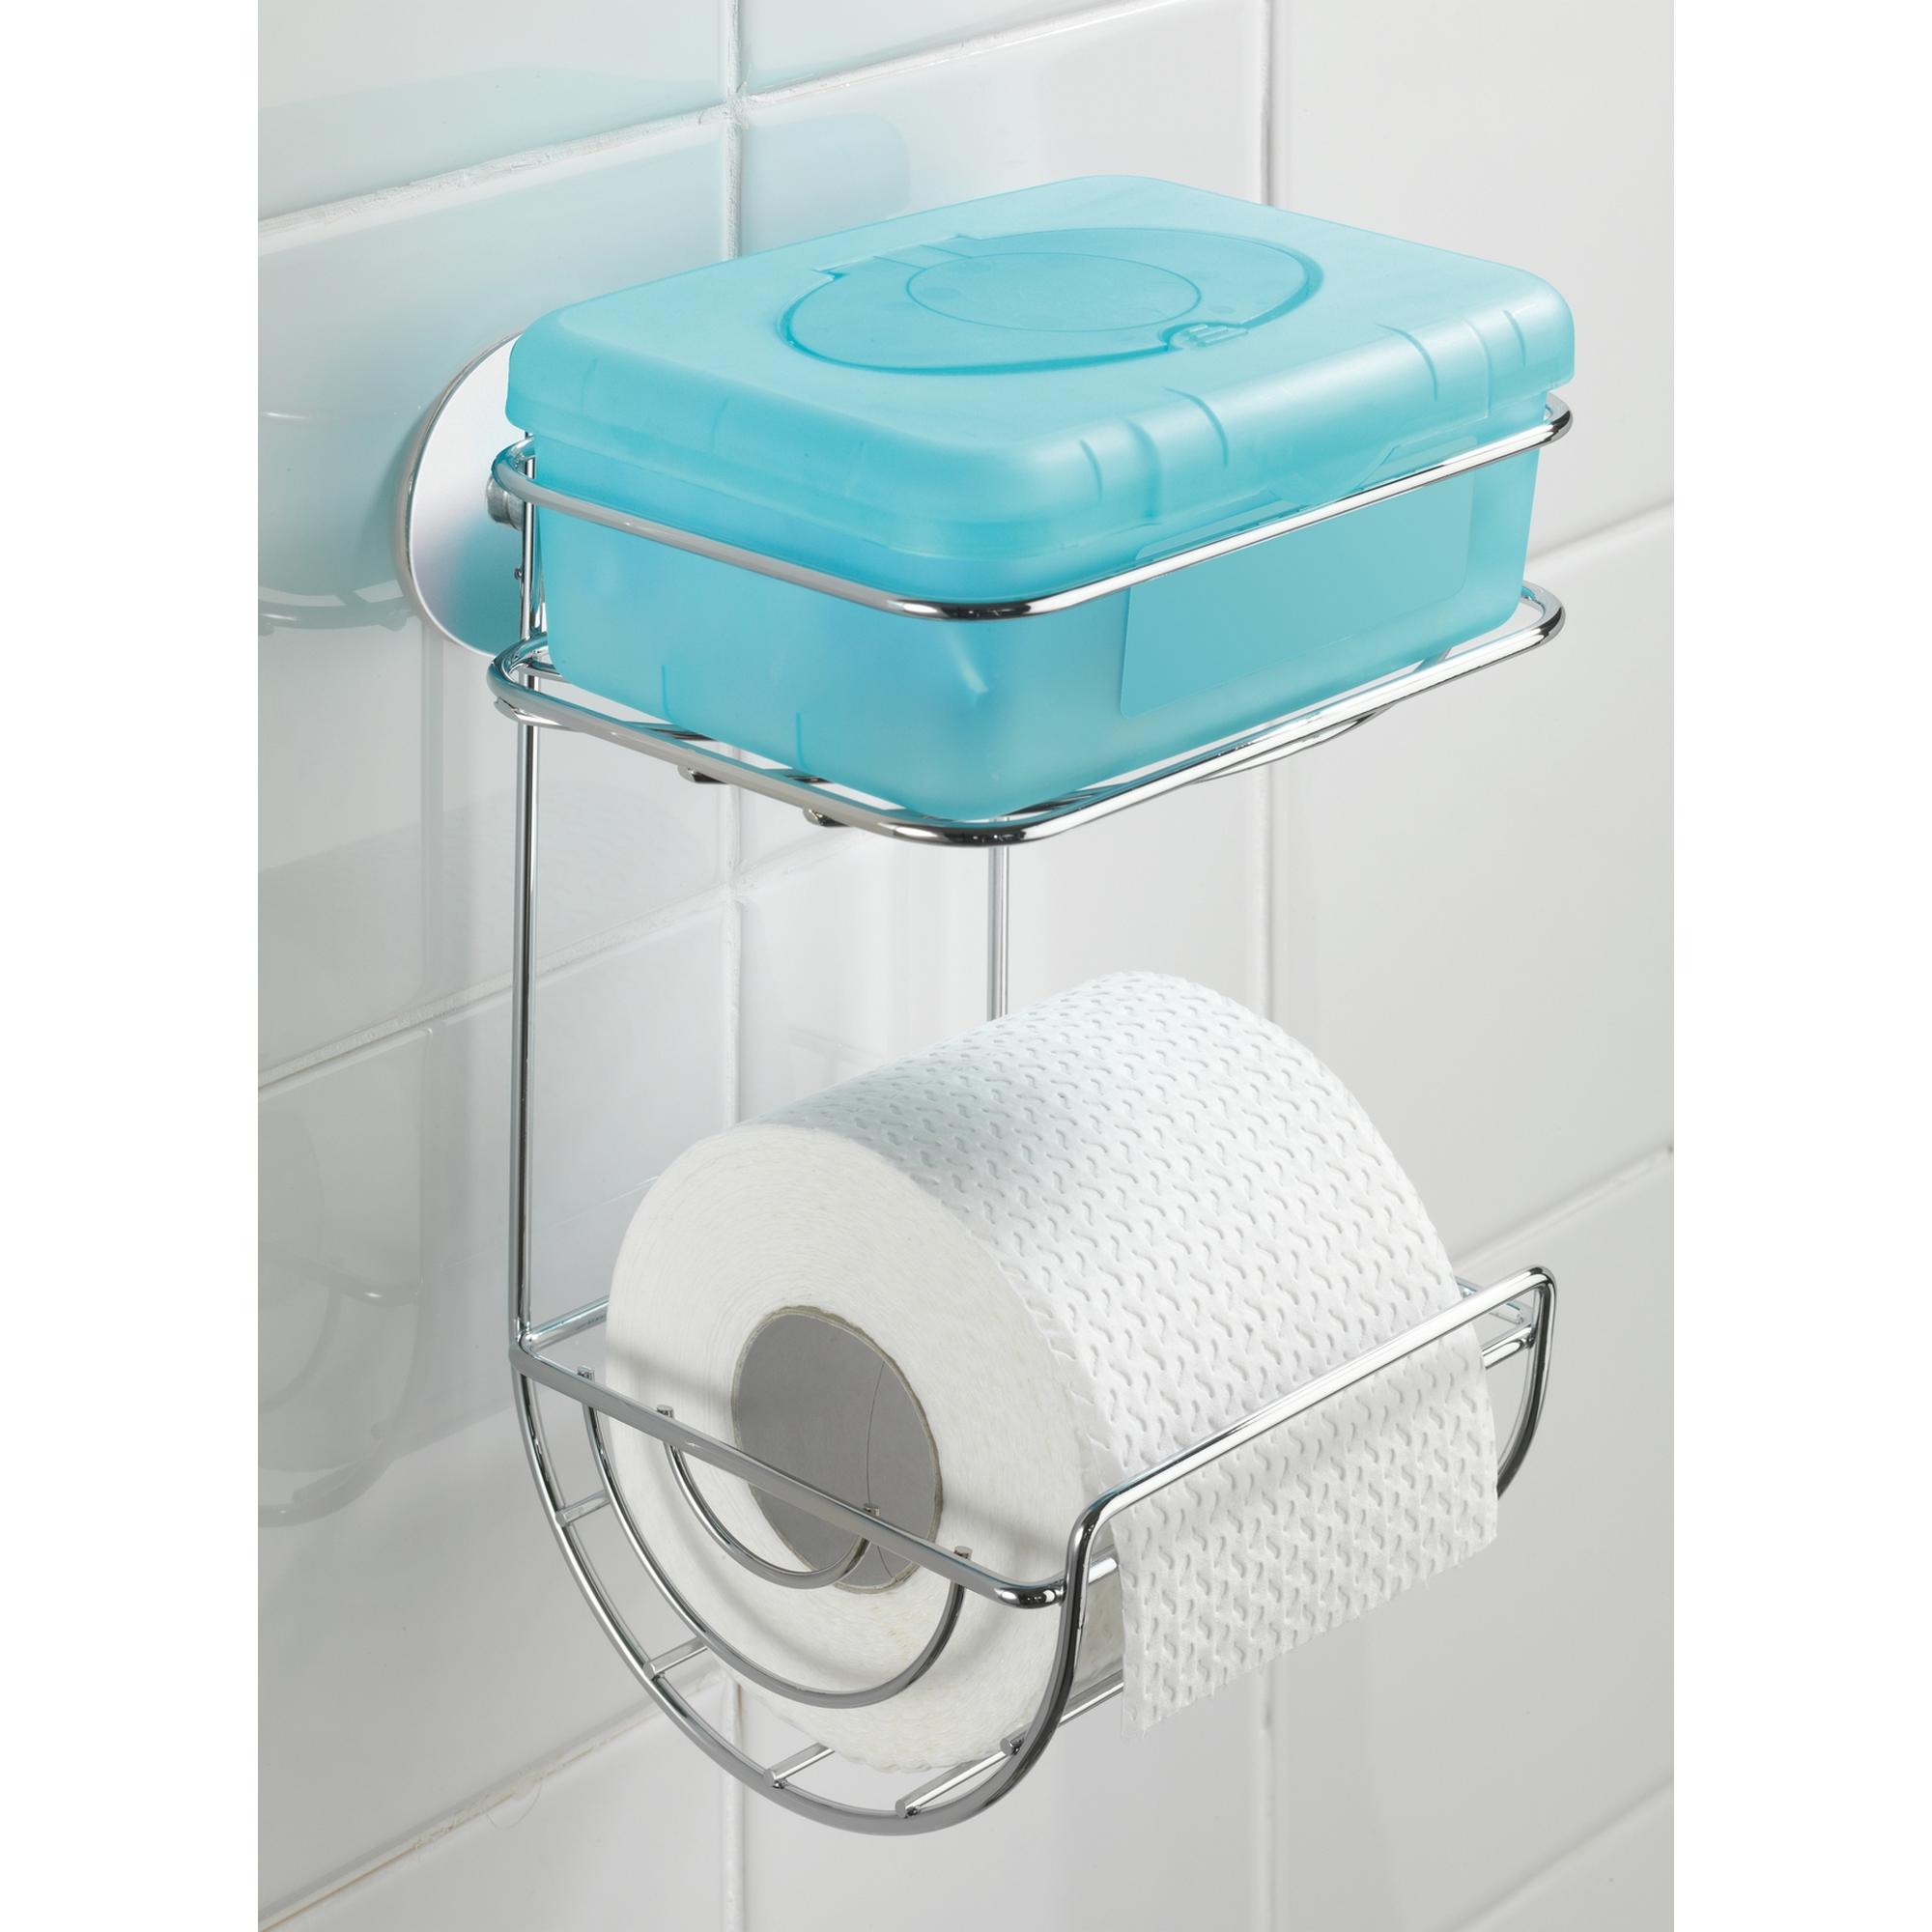 Toilettenpapierhalter U0027Turbo Loc®u0027 Mit Ablage, Befestigen Ohne Bohren